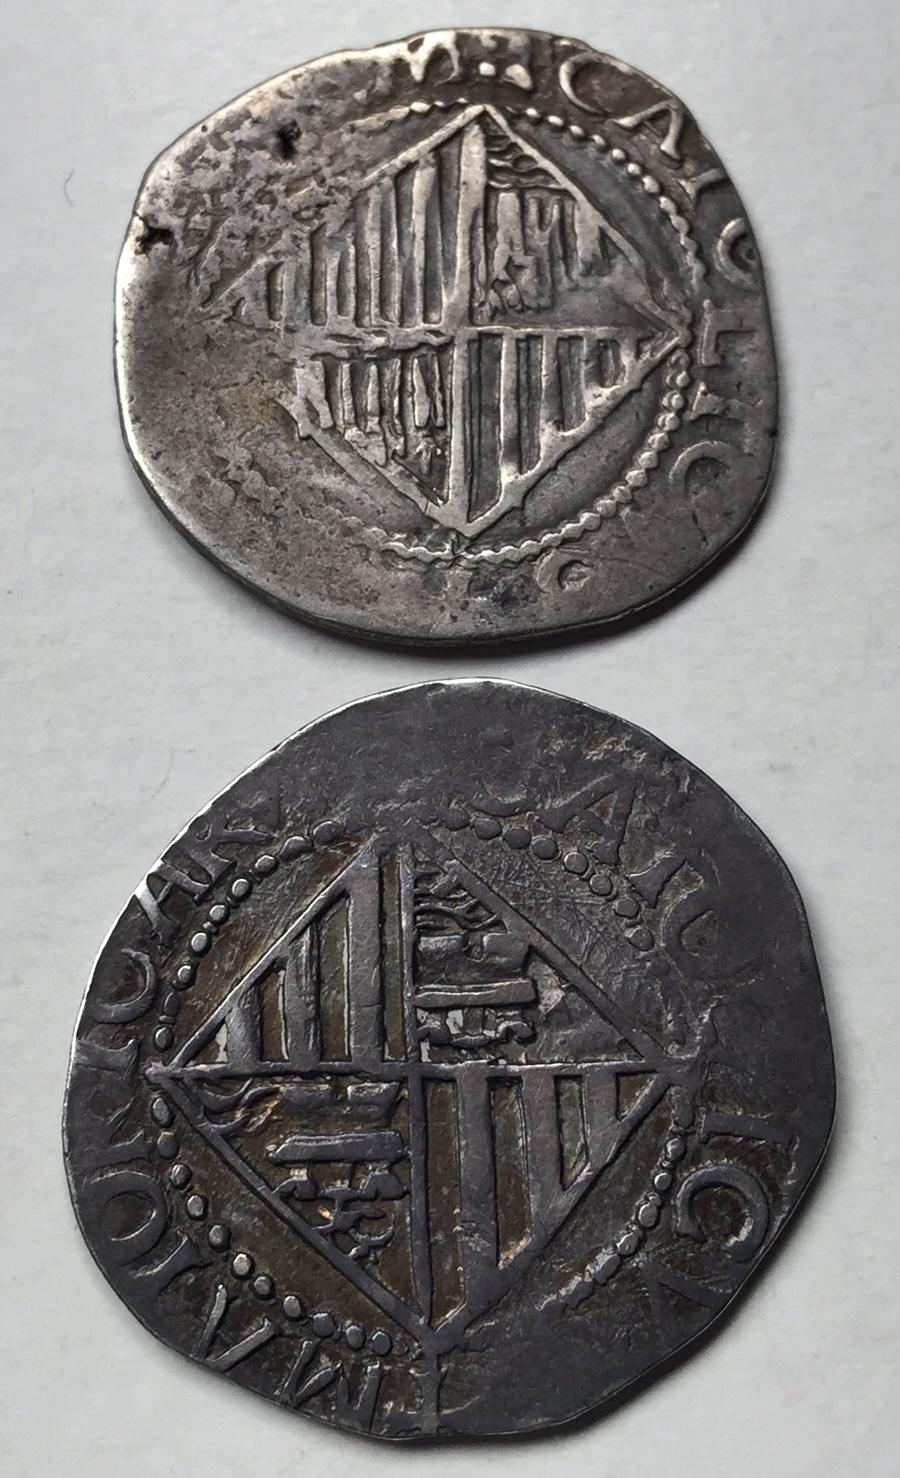 2 reales de Mallorca de Felipe IV (III). Full_Size_Render_16